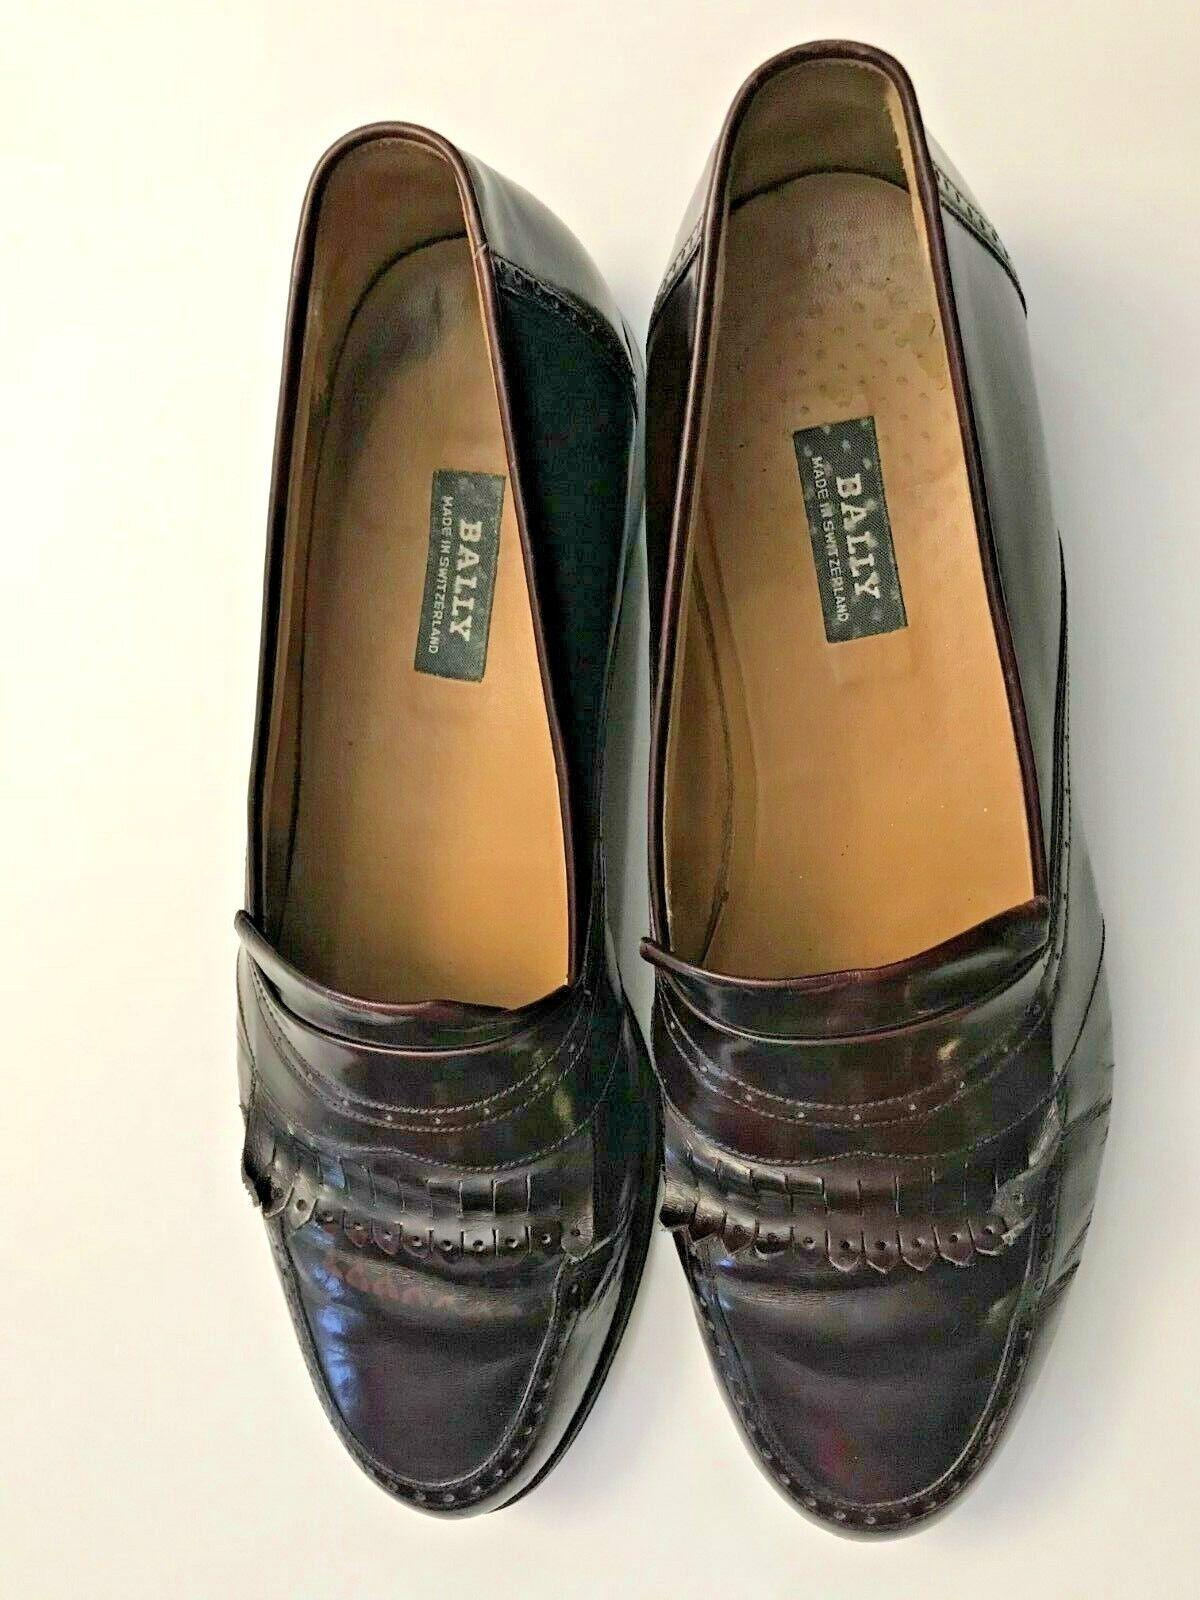 liquidazione BALLY BALLY BALLY SWITZERLAND BURGUNDY LEATHER KILTIE LOAFERS EXCELLENT COND Dimensione 10.5 B  presentando tutte le ultime tendenze della moda